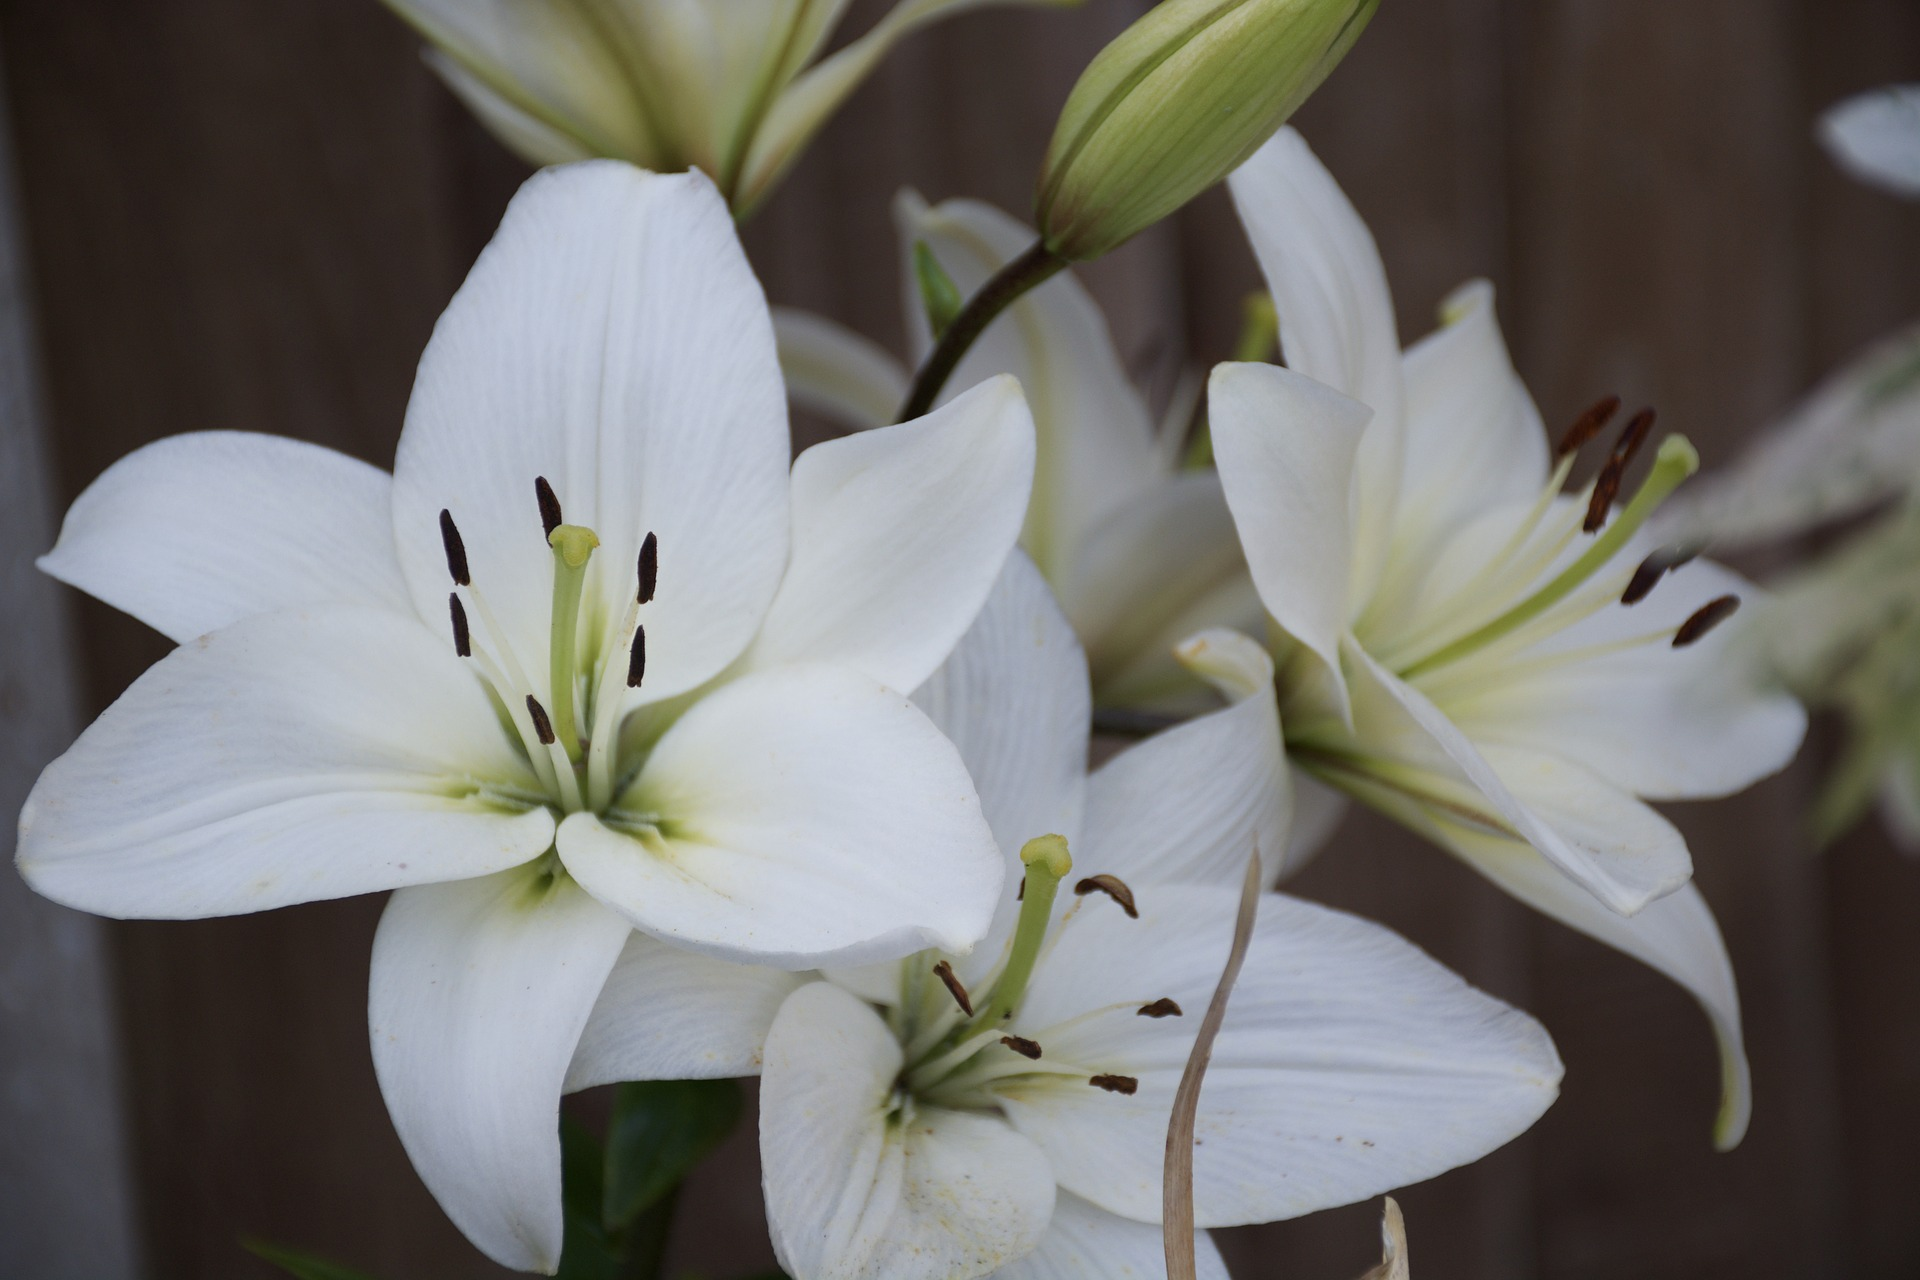 بالصور بوكيه ورد ابيض , اجمل باقات الورد الابيض 3661 7